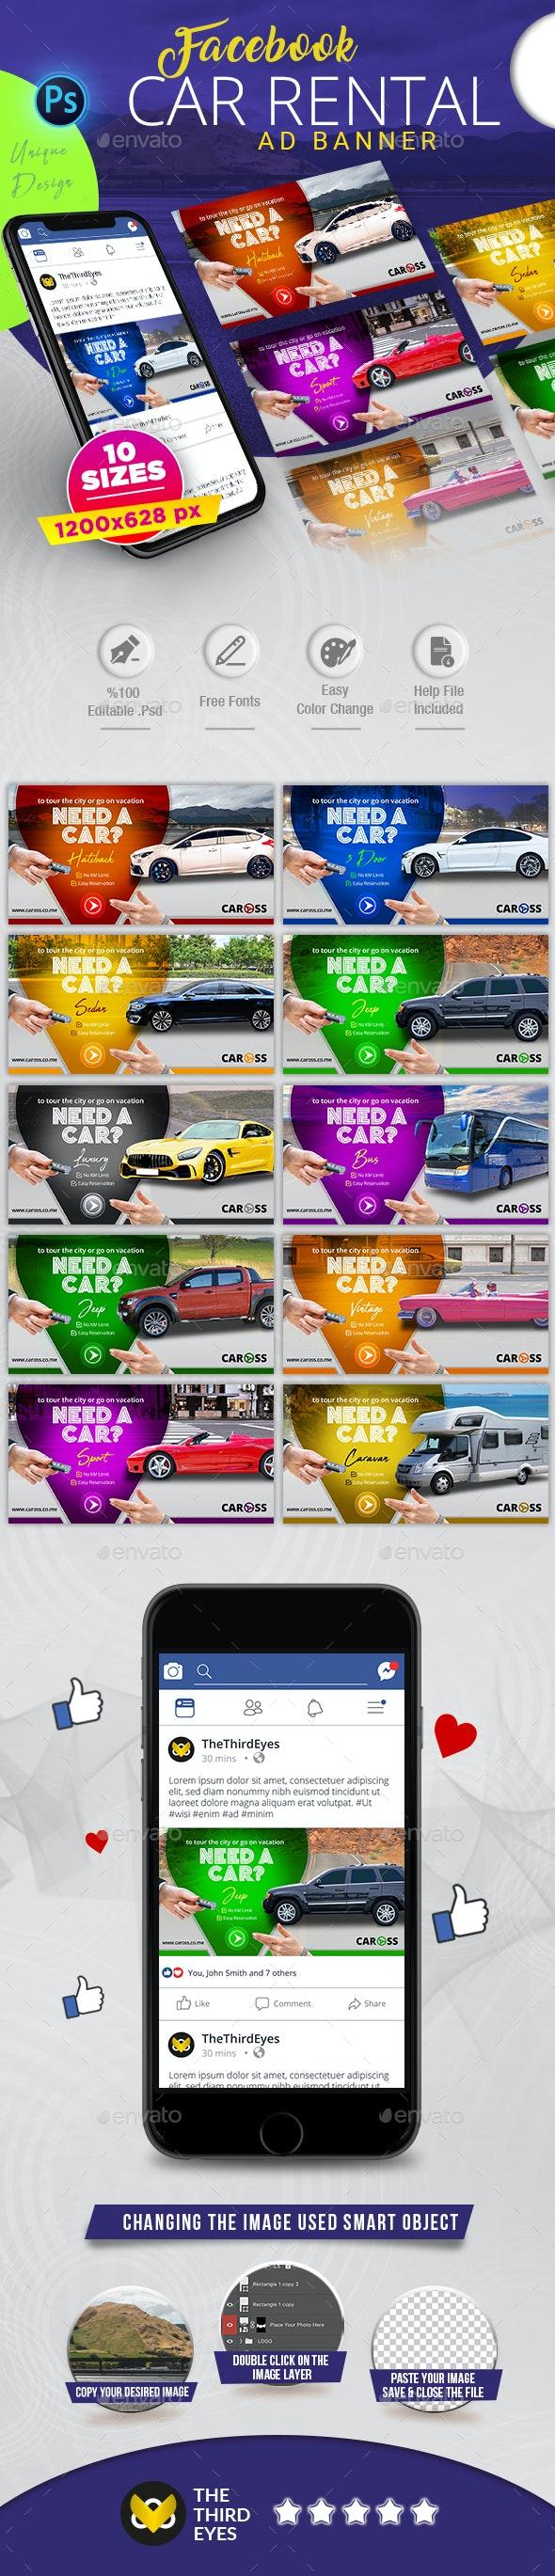 Car Rental Facebook AD Banner - Social Media Web Elements